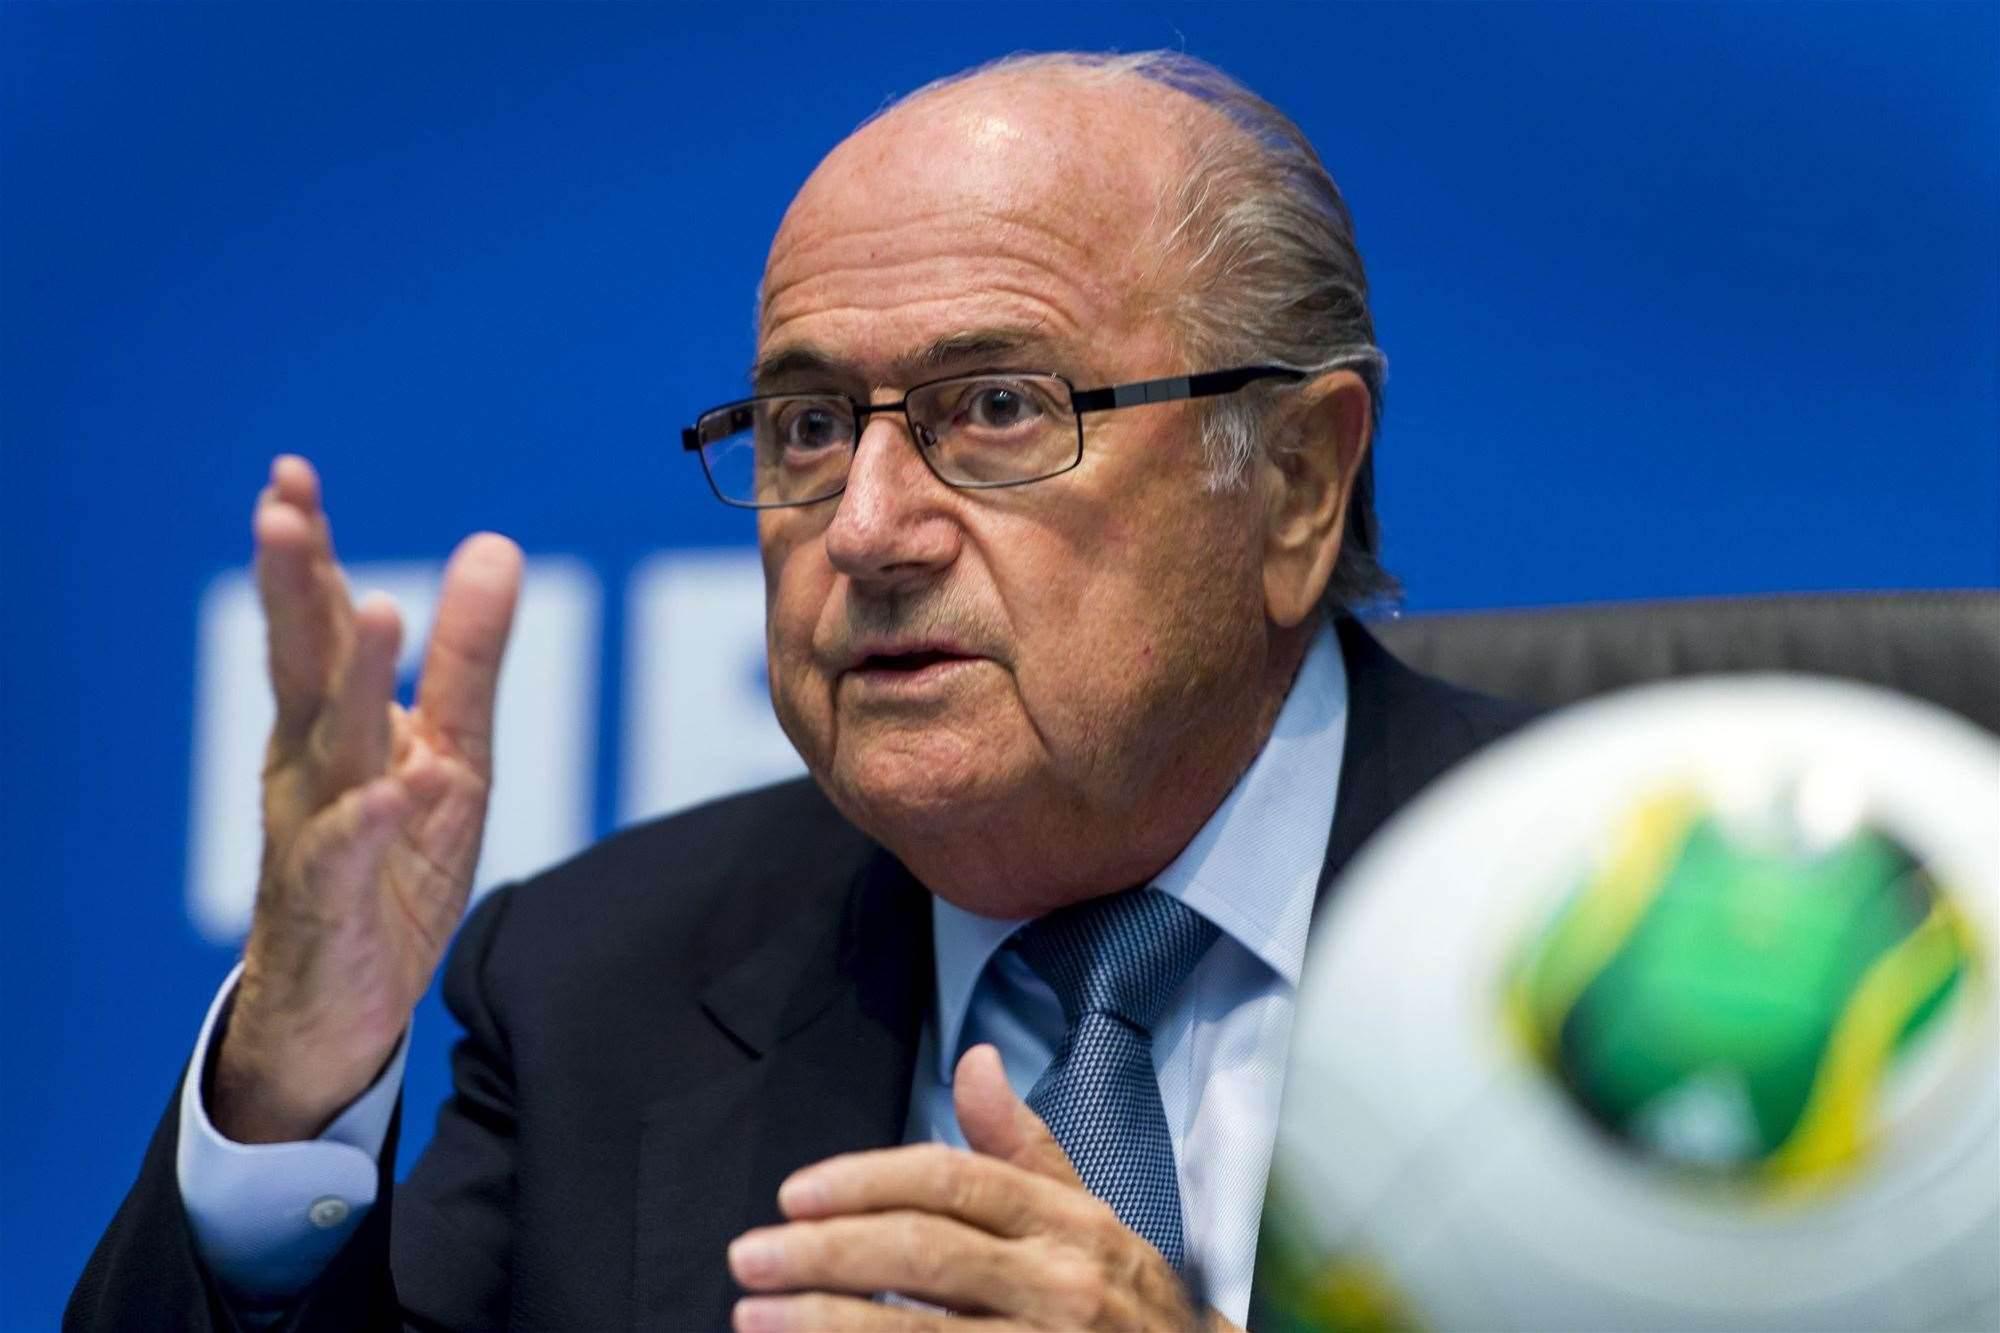 Blatter: Qatar will host WC